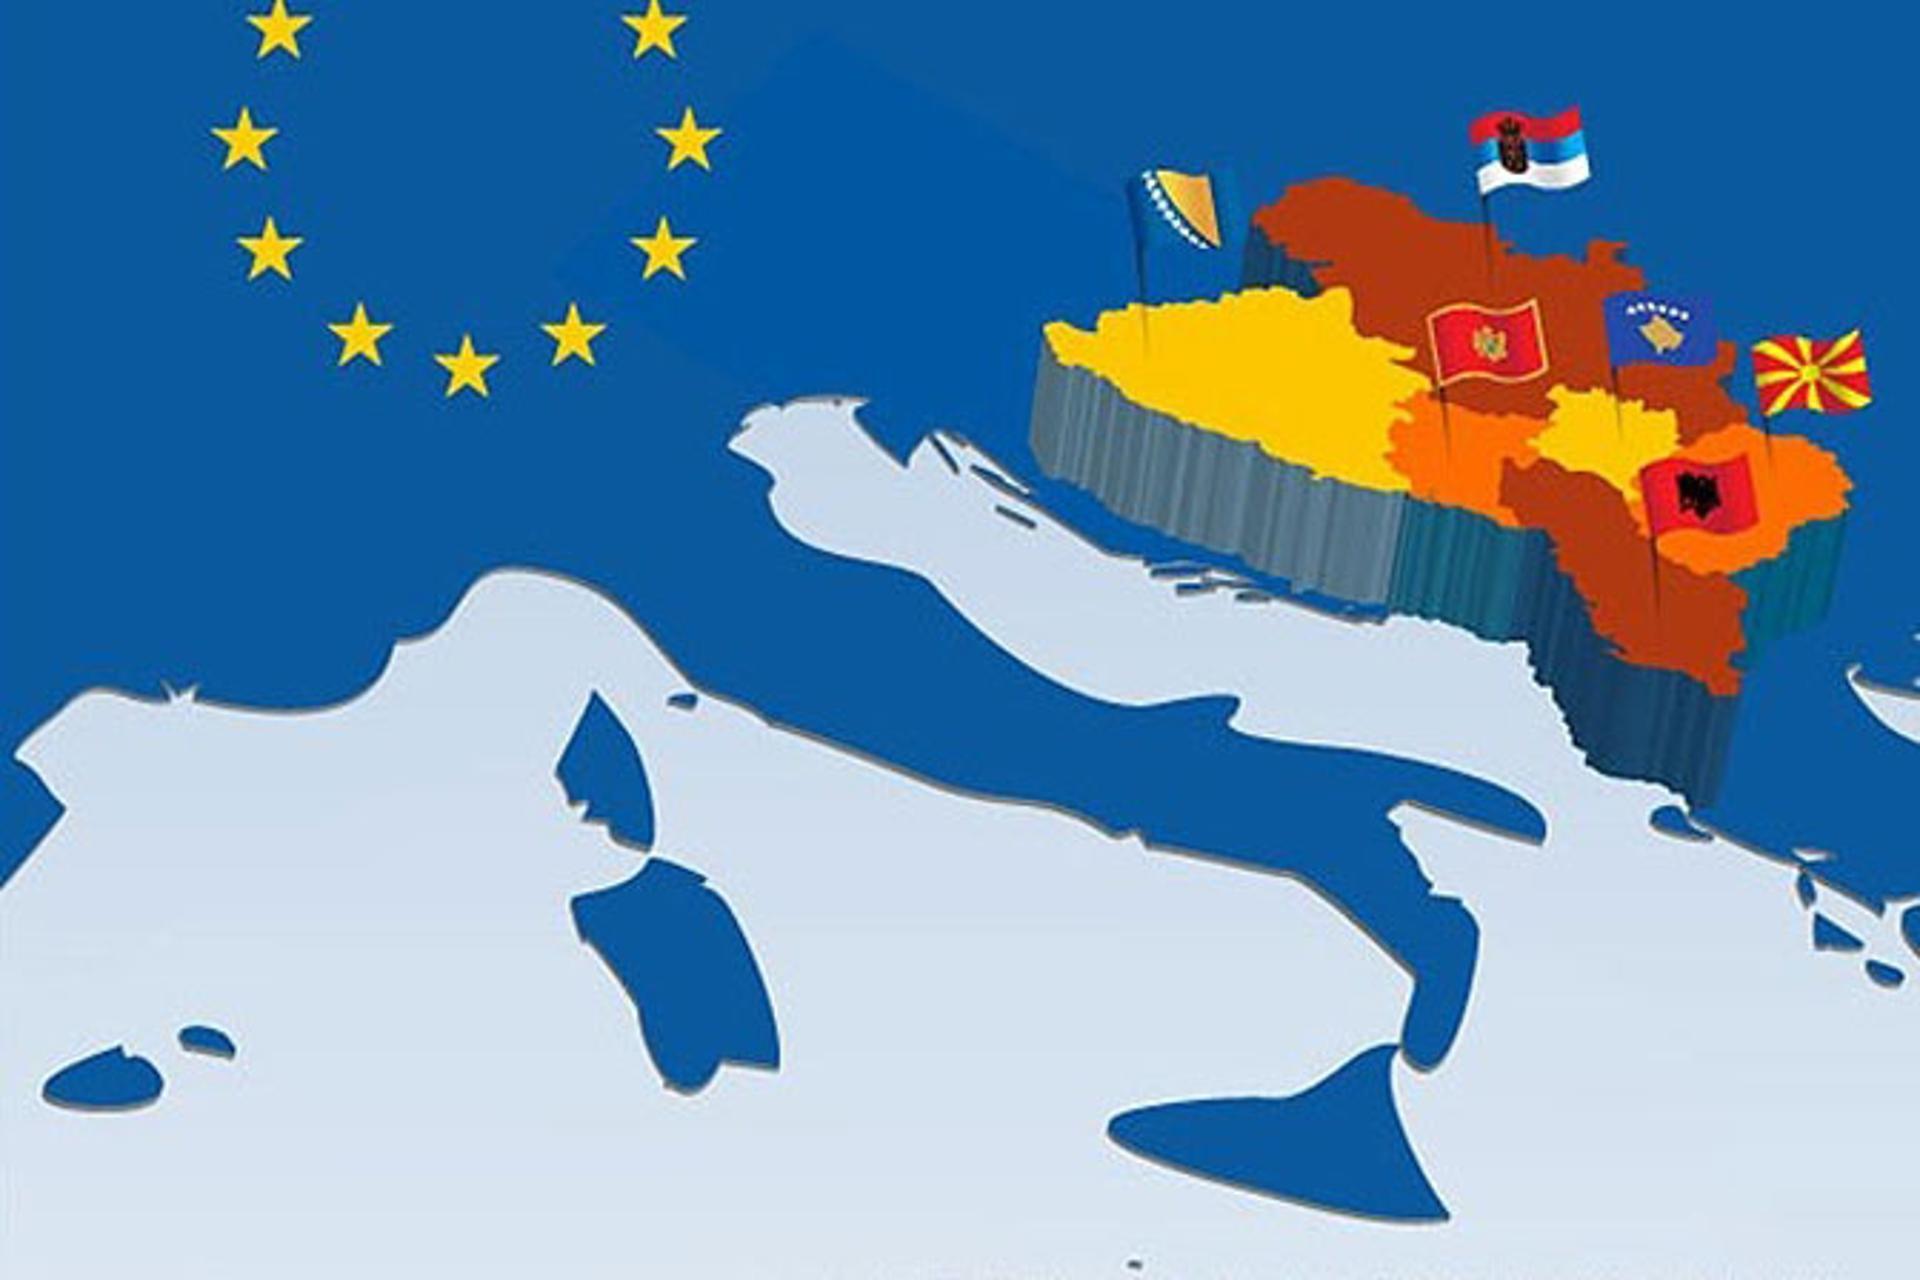 Investimenti Stranieri Balcani Occidentali Prospettiva Europea Hahn